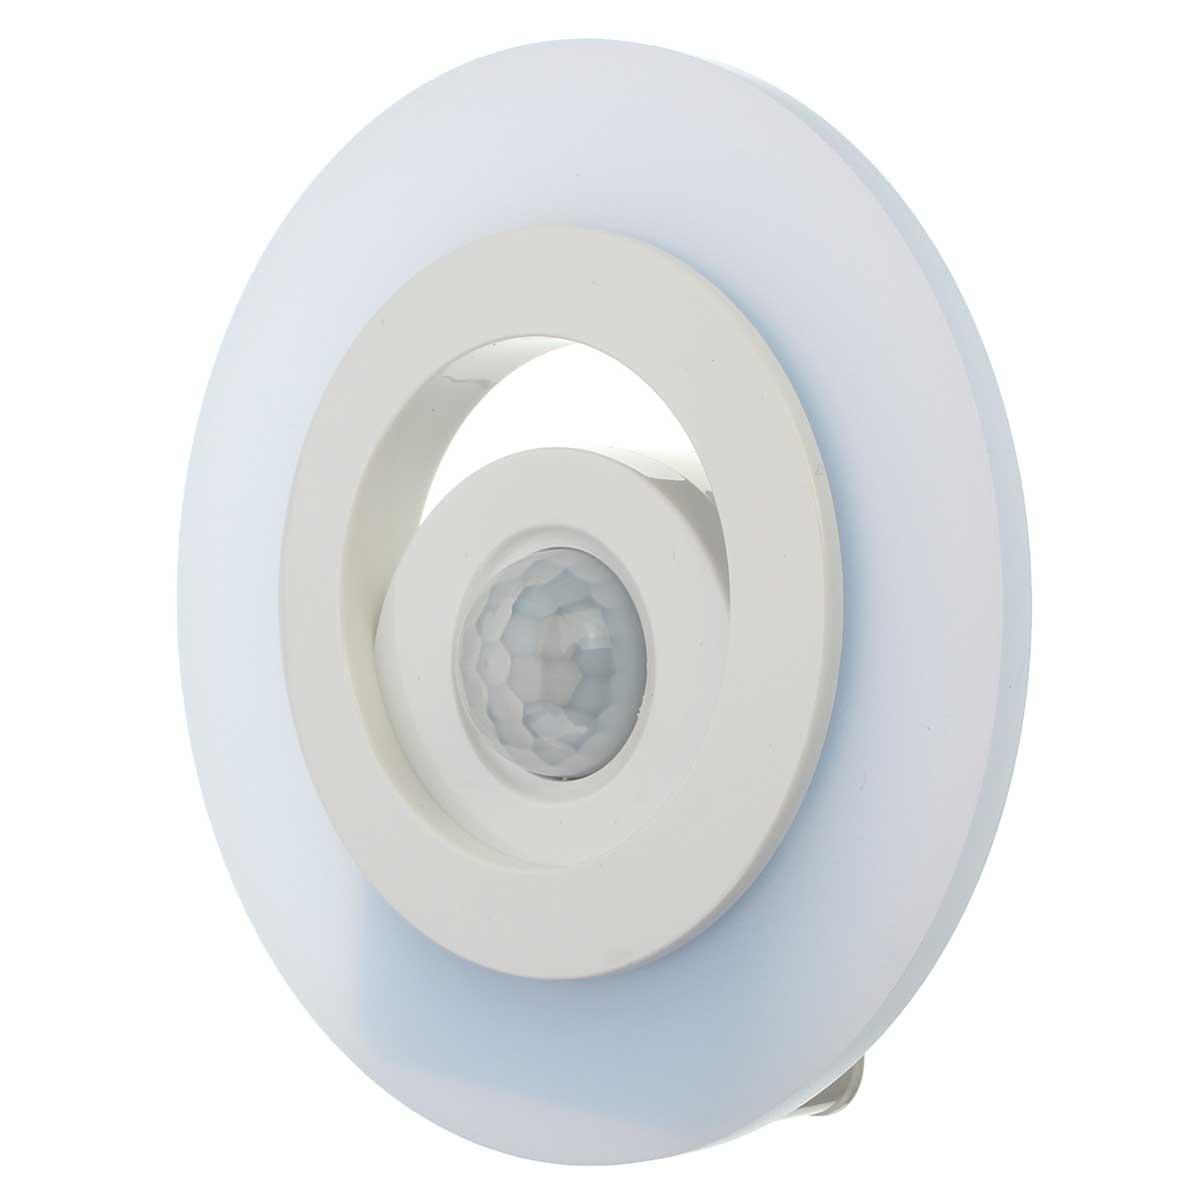 Mini Wireless Infrared Motion Sensor Light Ceiling Led ...